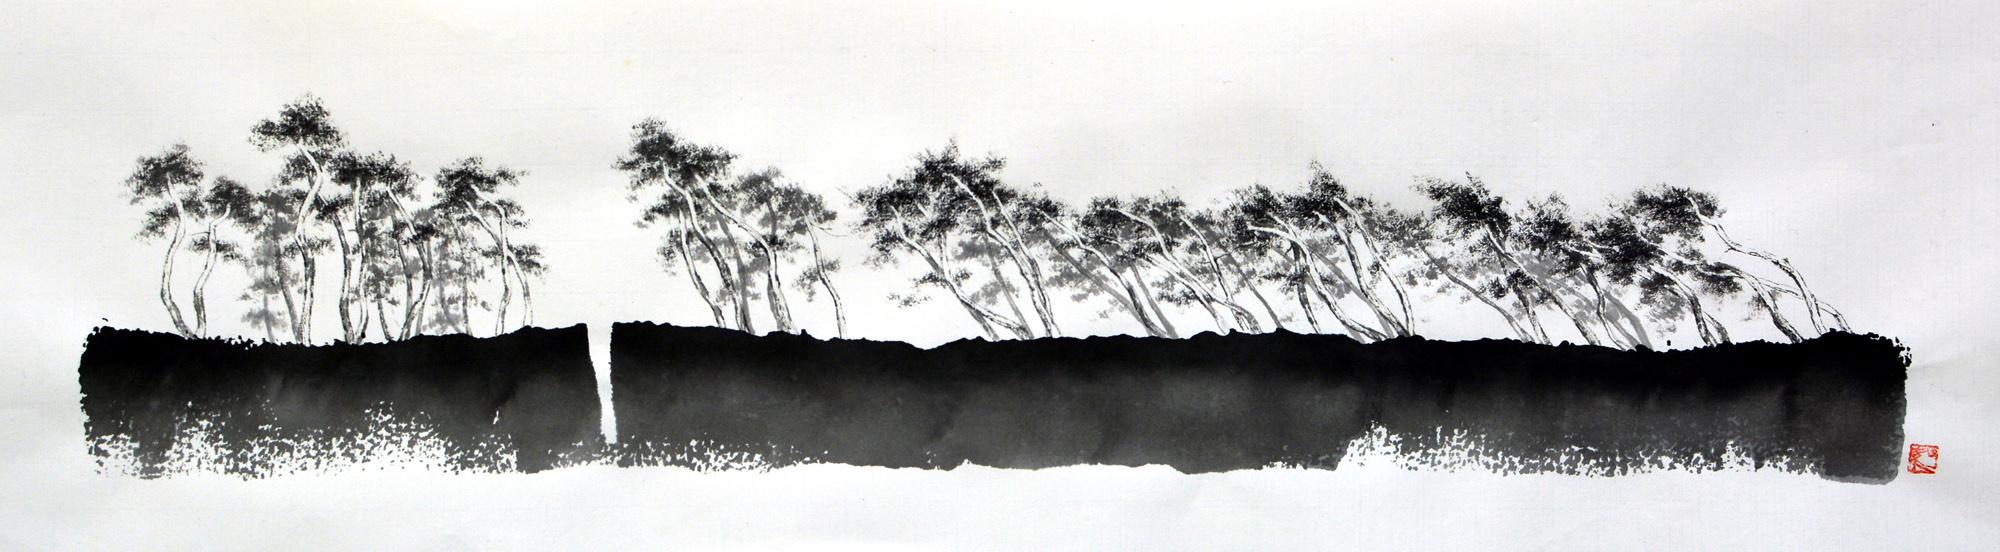 형제섬1, 67.5x19cm, 화선지에 수묵, 2016